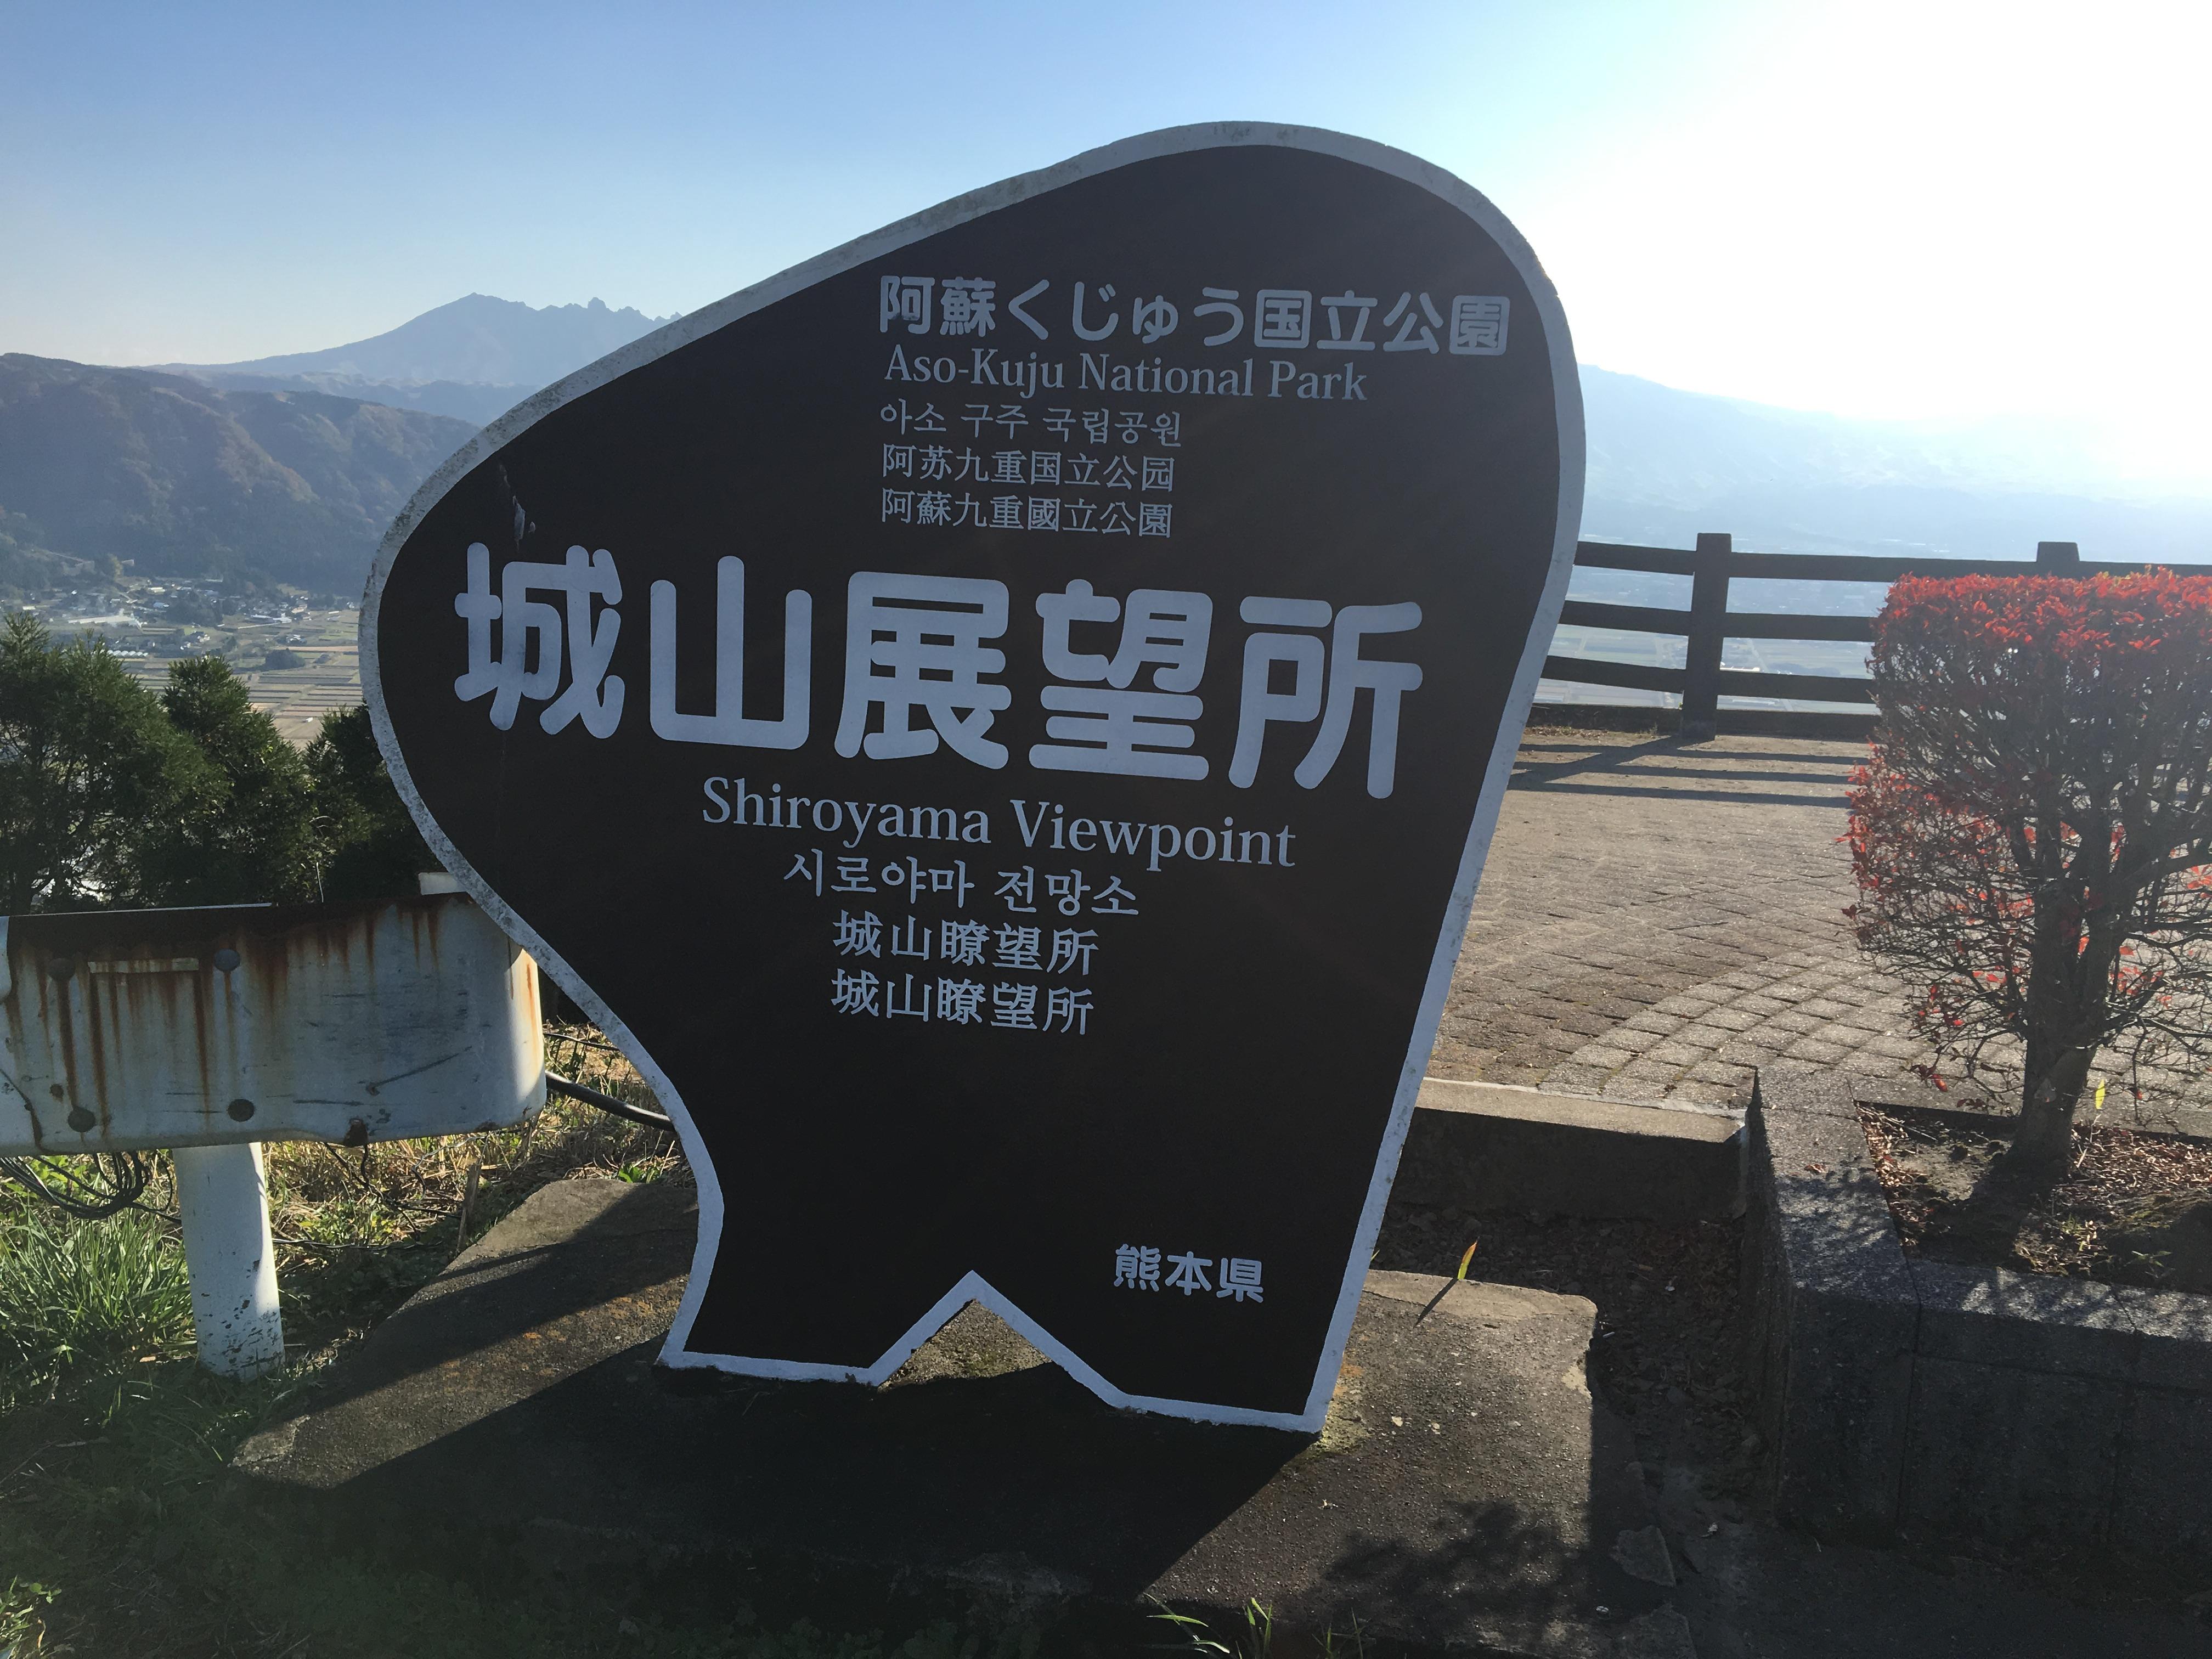 【観光】城山展望所